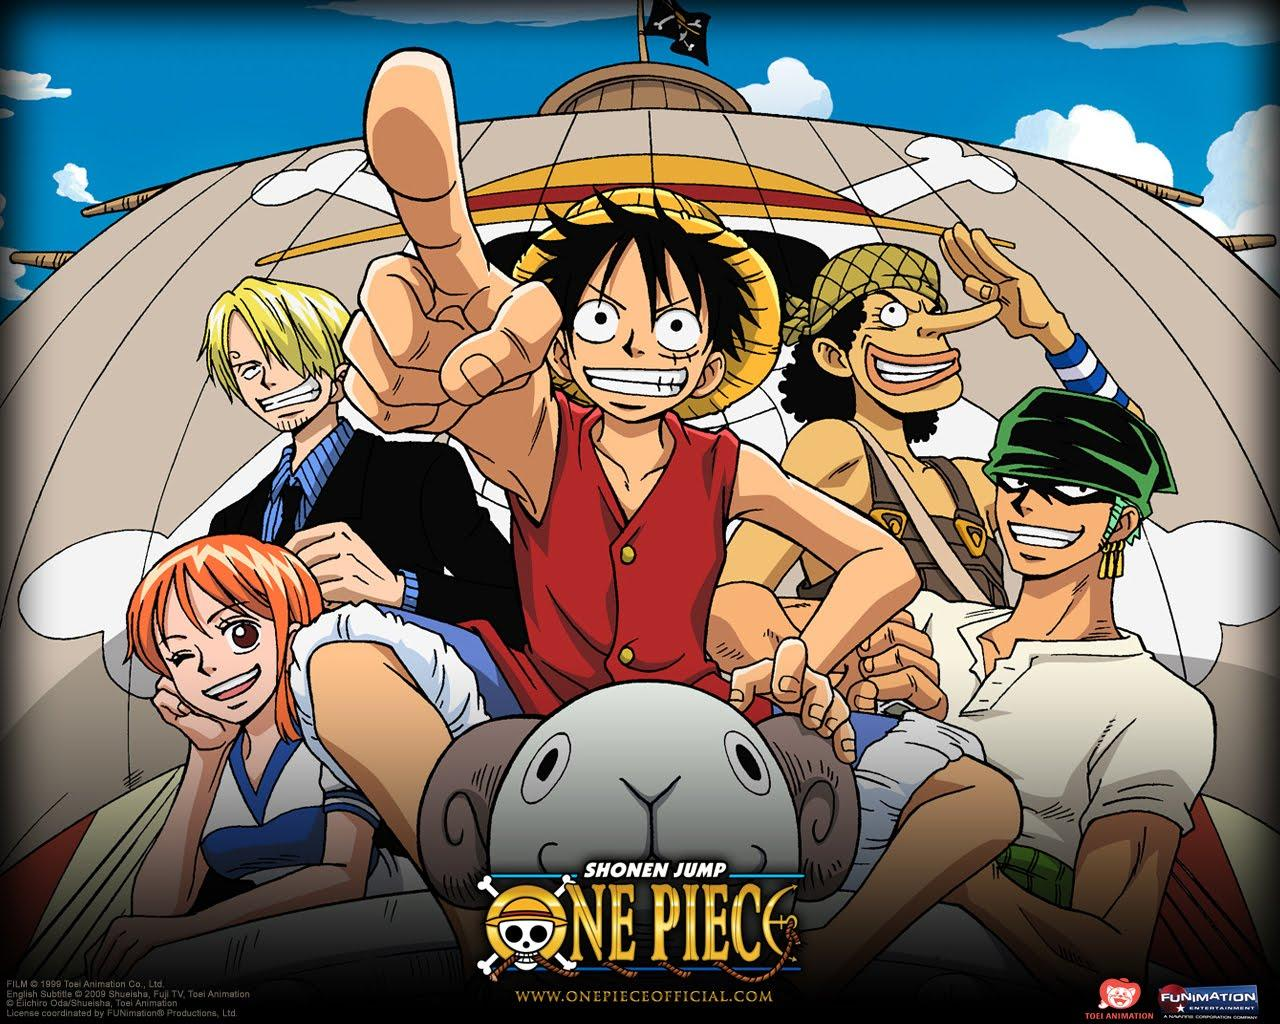 One Piece 1 (épisodes : 1-61)